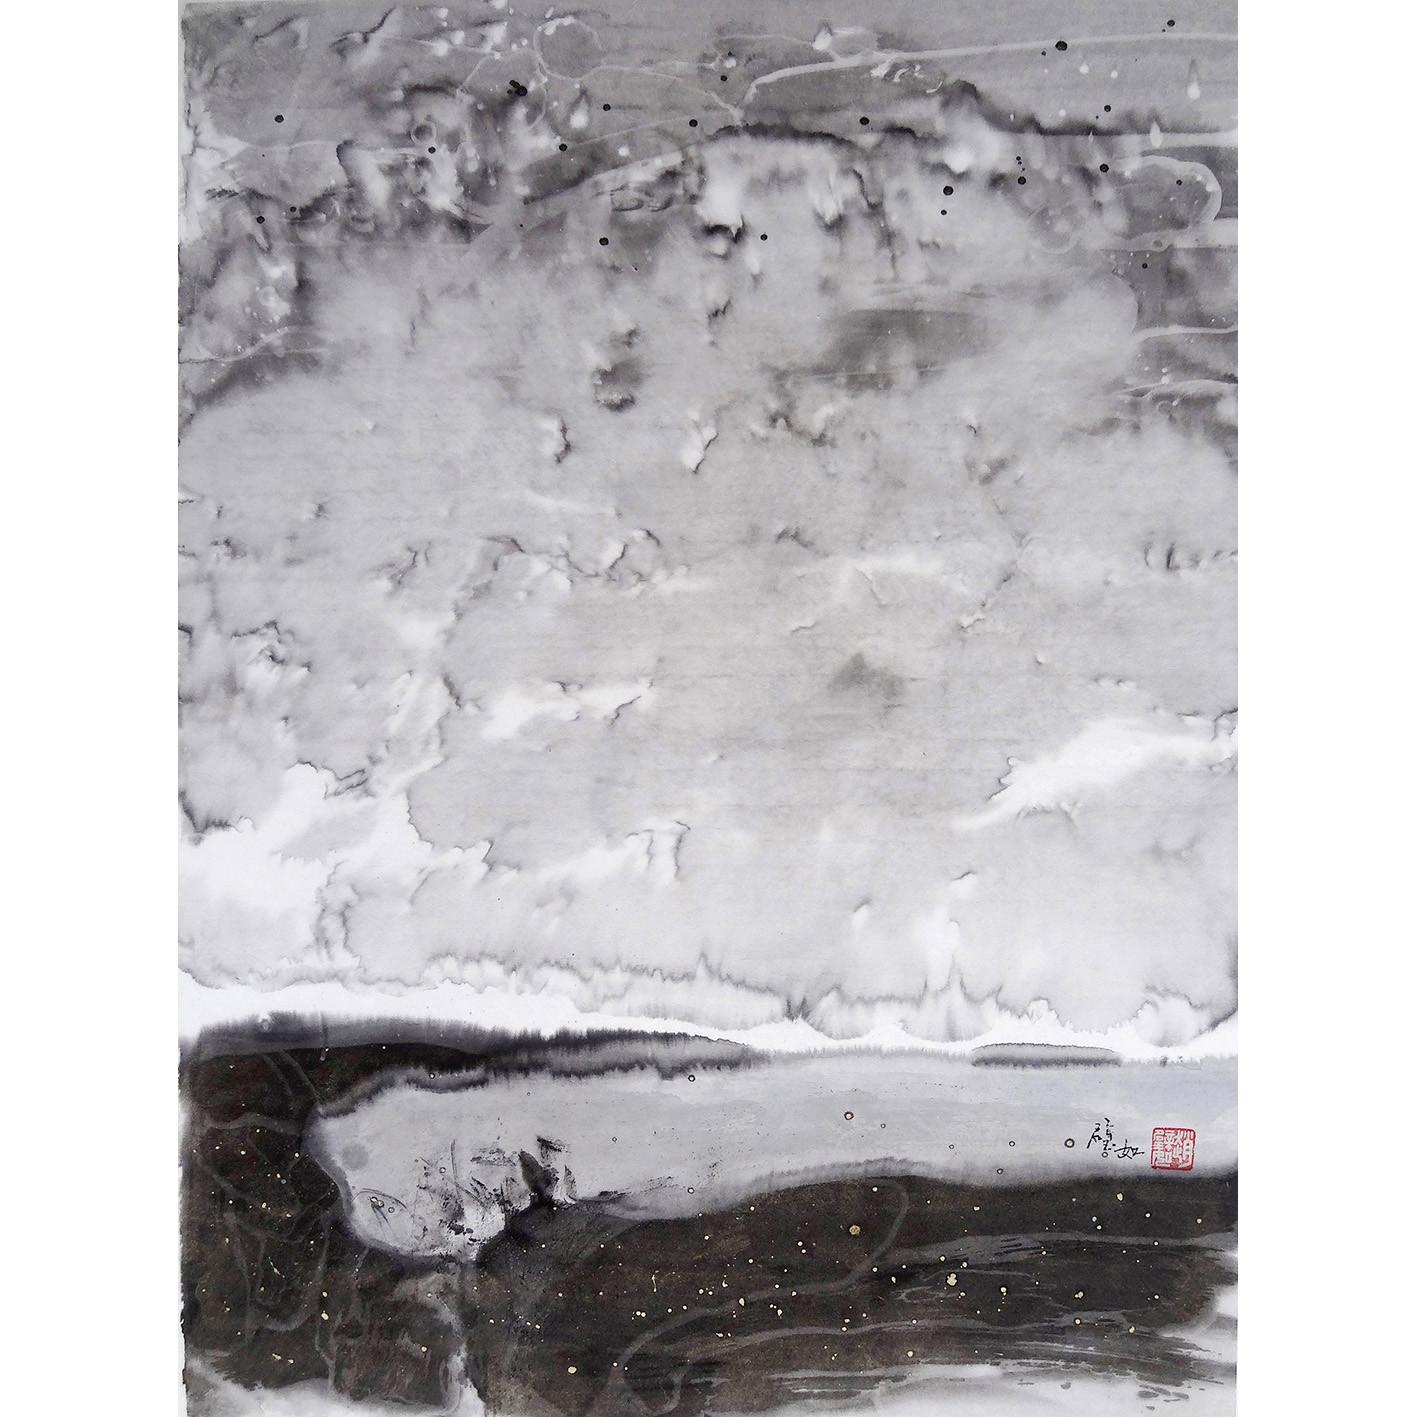 Biru Zhao - dsc01786.jpg